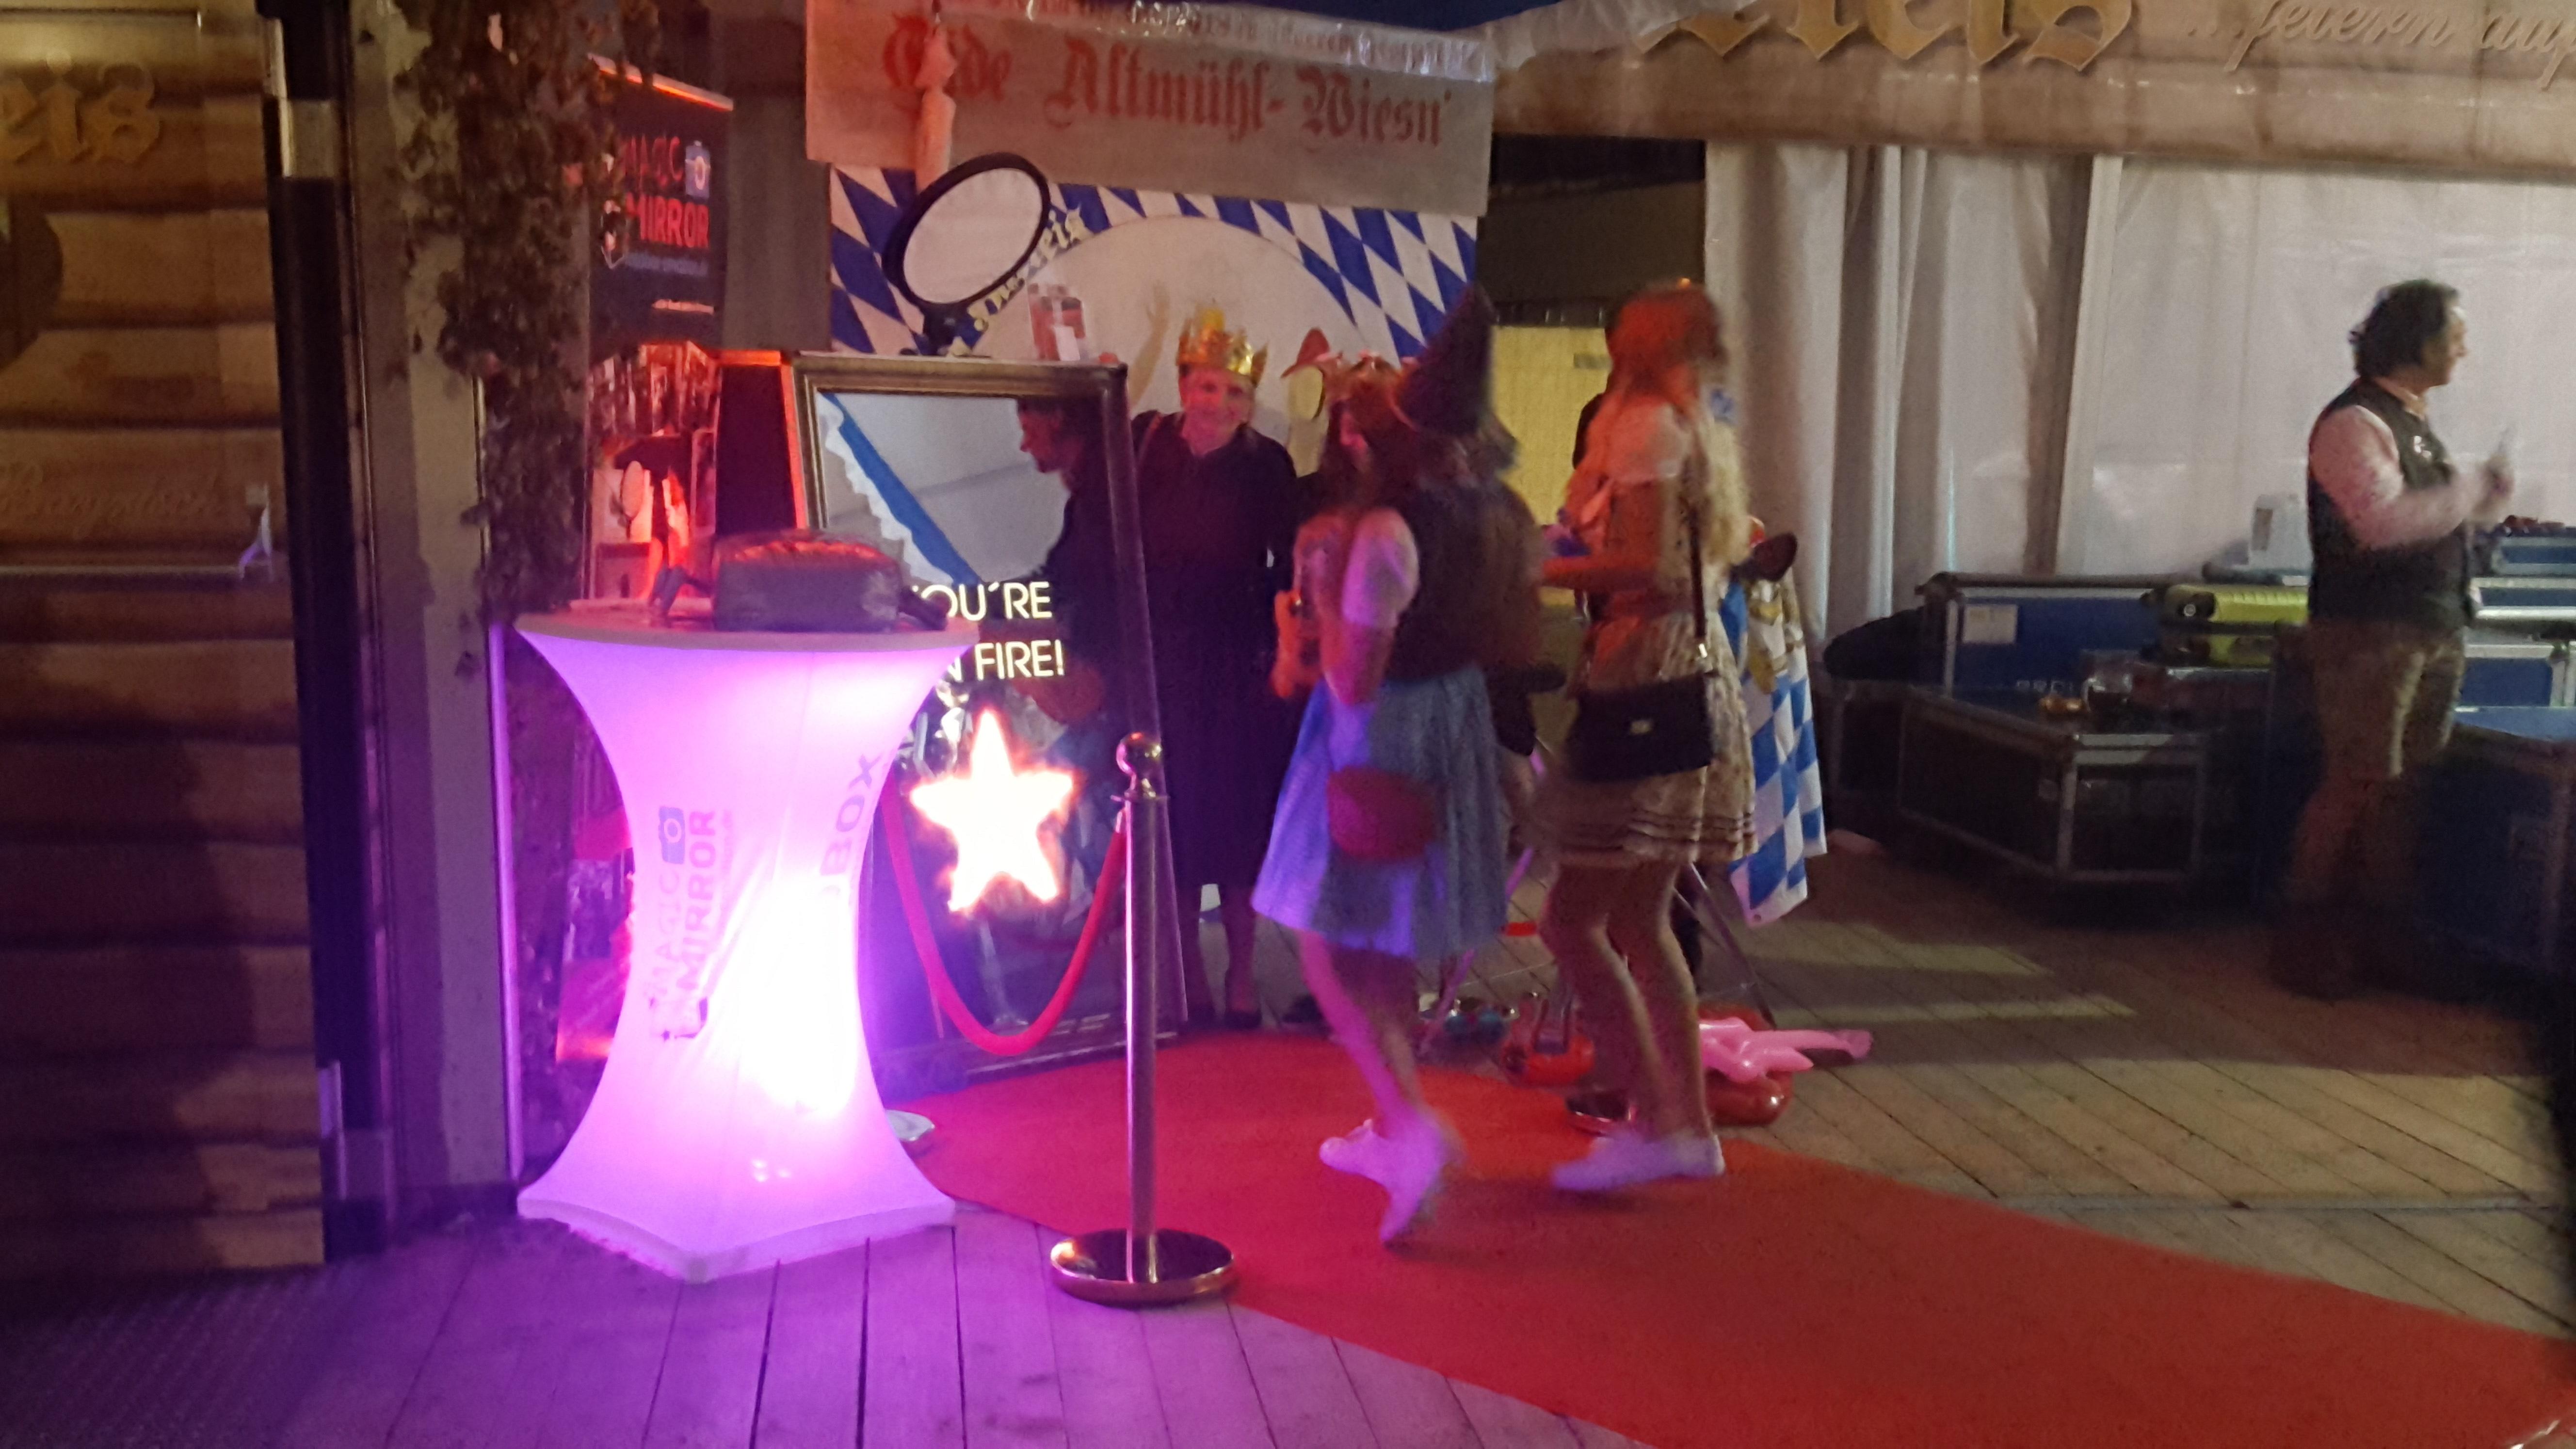 Platzierung_04_volksfest-härteis